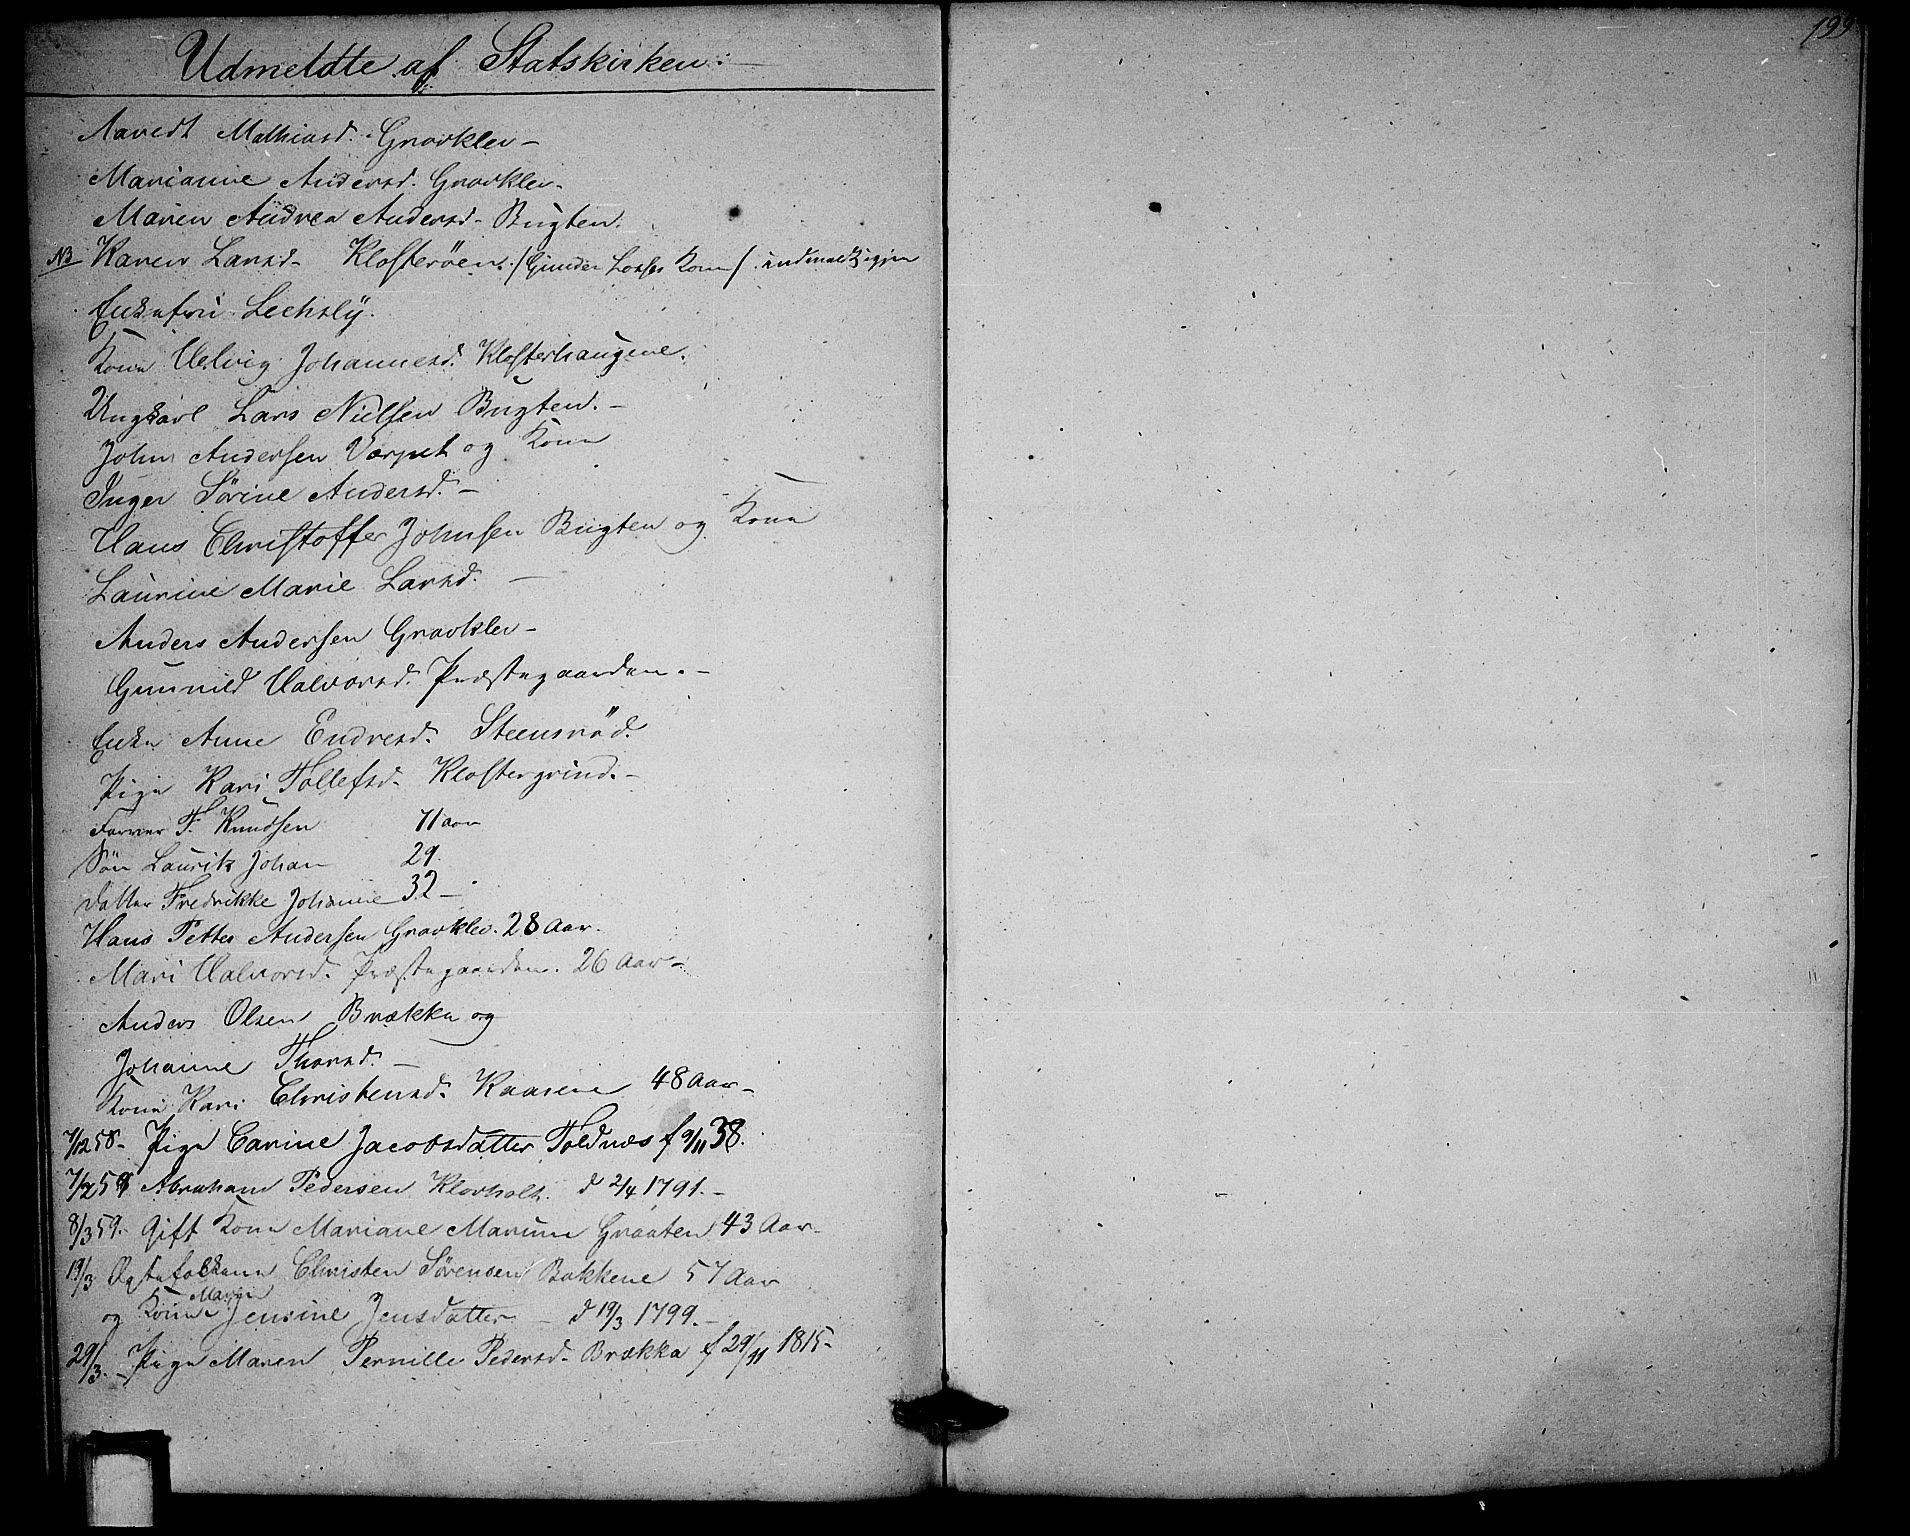 SAKO, Solum kirkebøker, G/Ga/L0003: Klokkerbok nr. I 3, 1848-1859, s. 199